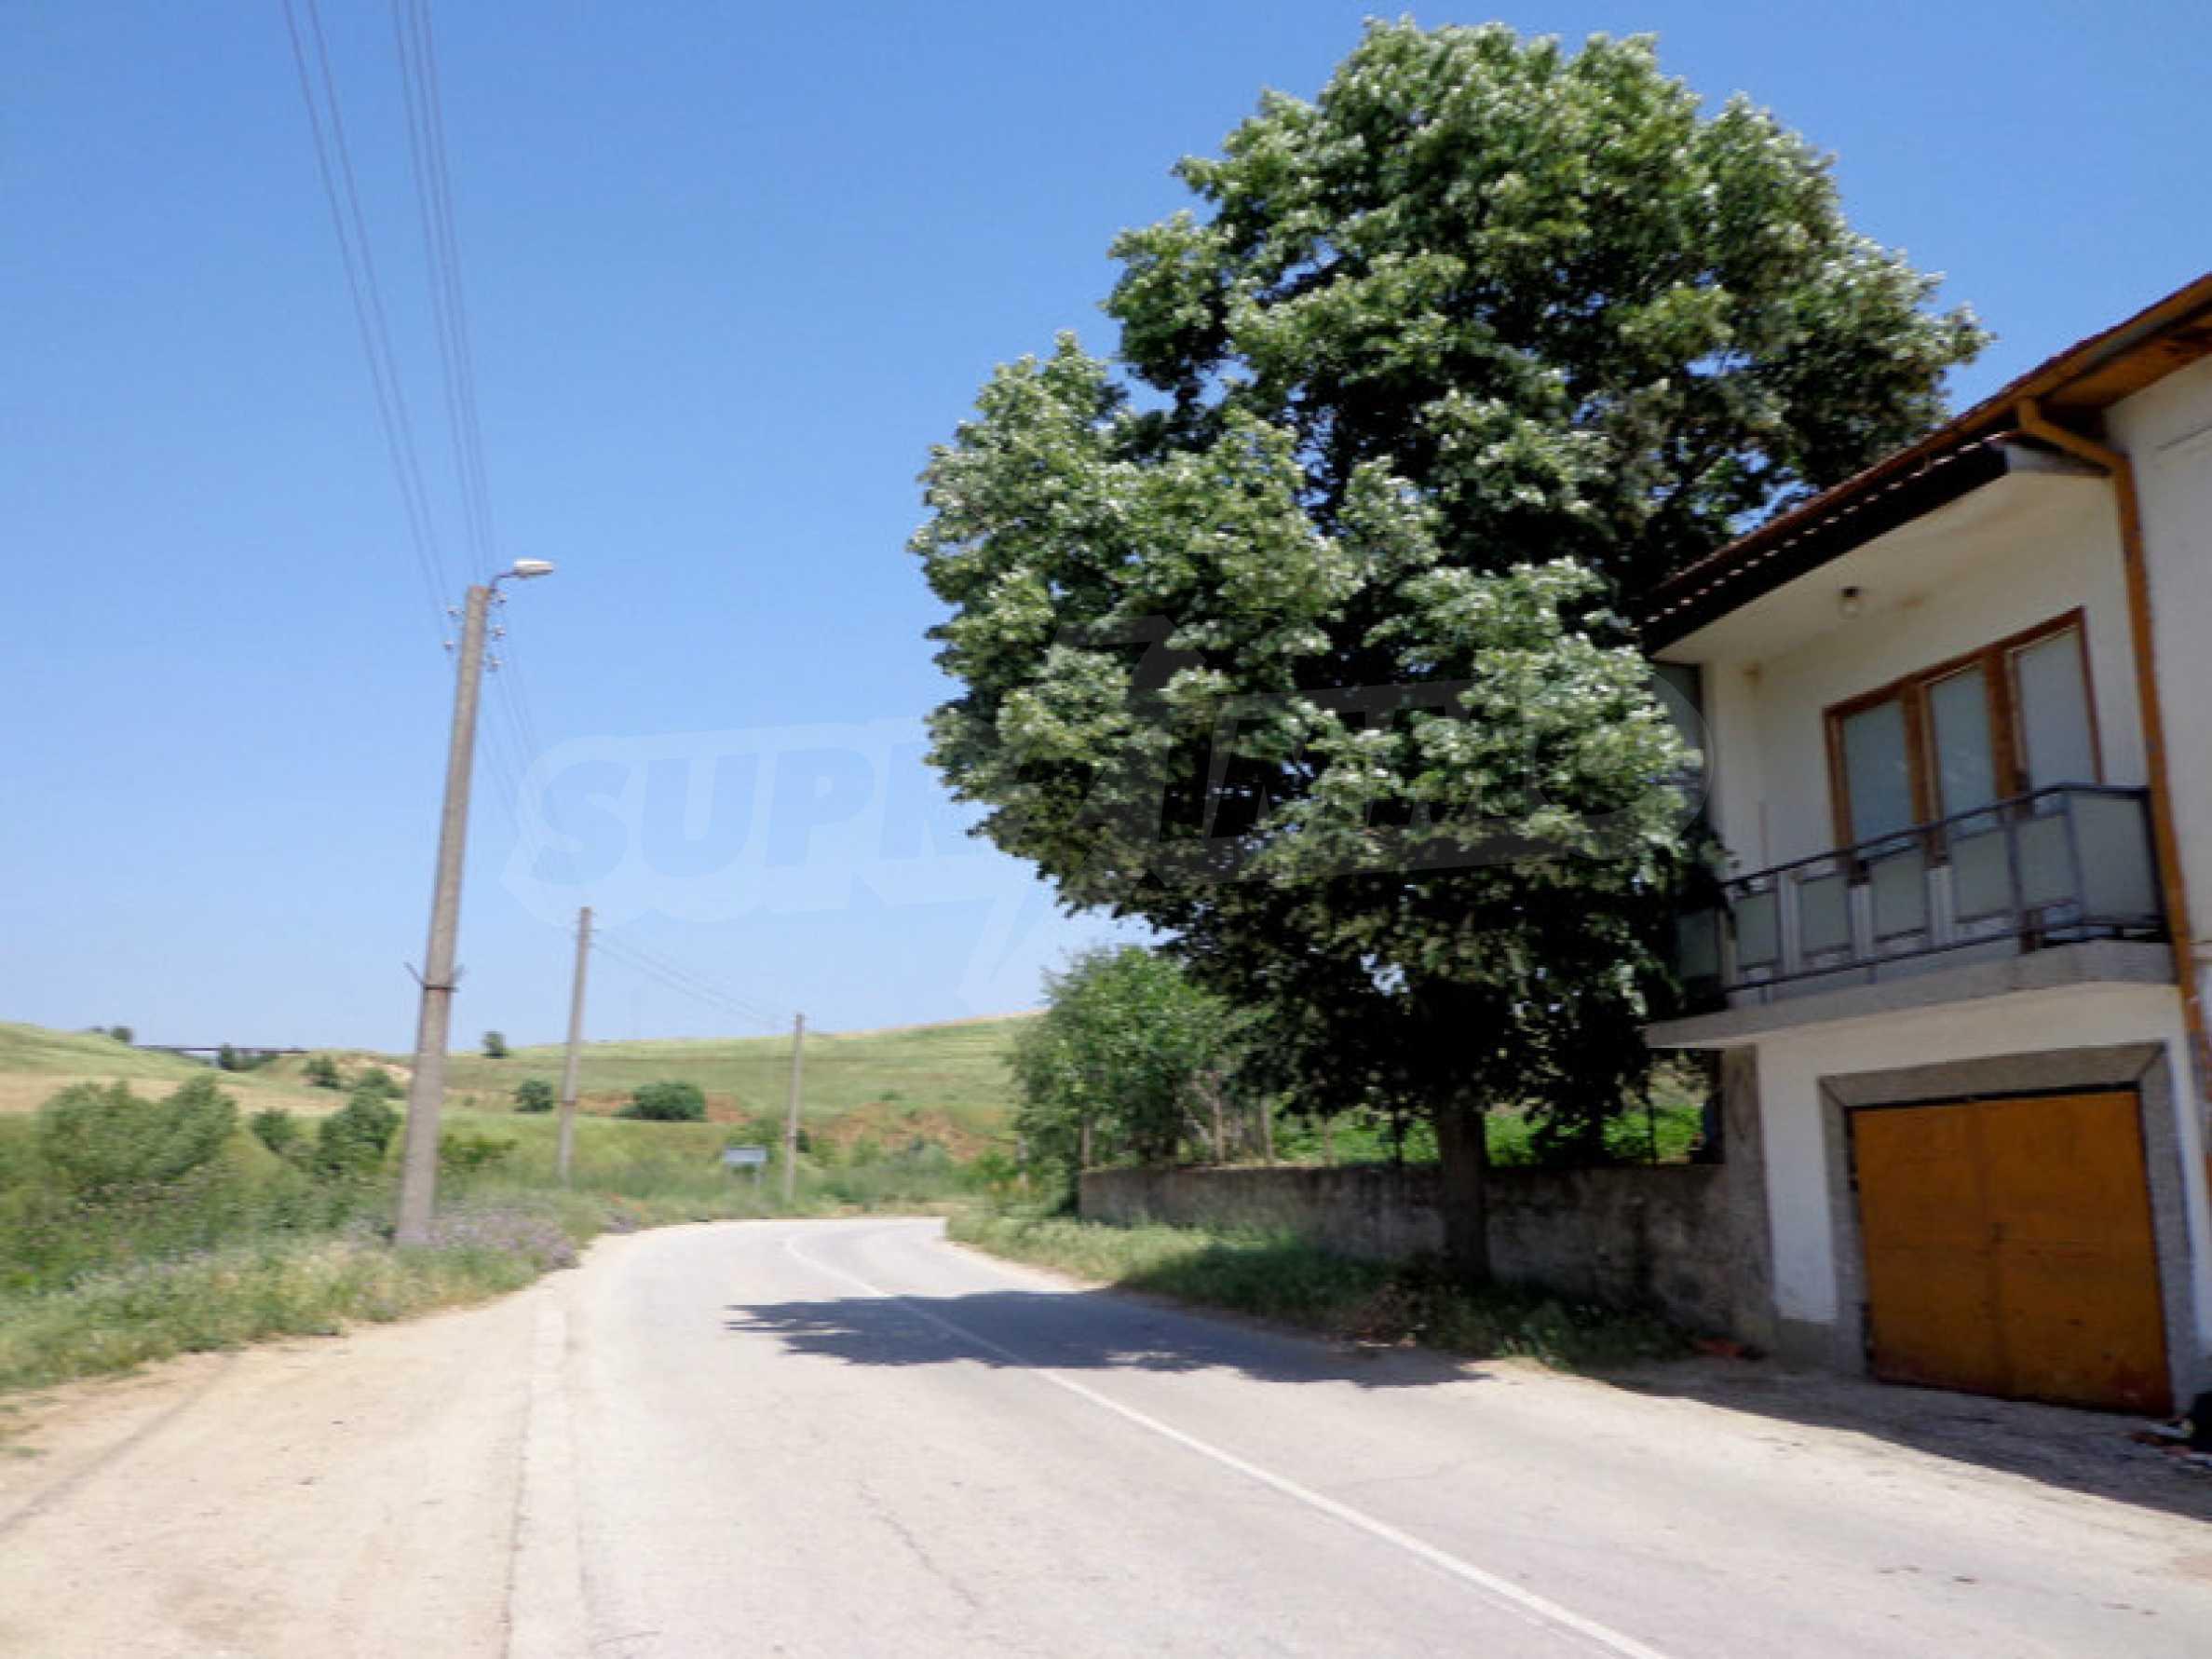 Grundstück zum Verkauf in einem malerischen Dorf 12 km von Sandanski entfernt 8